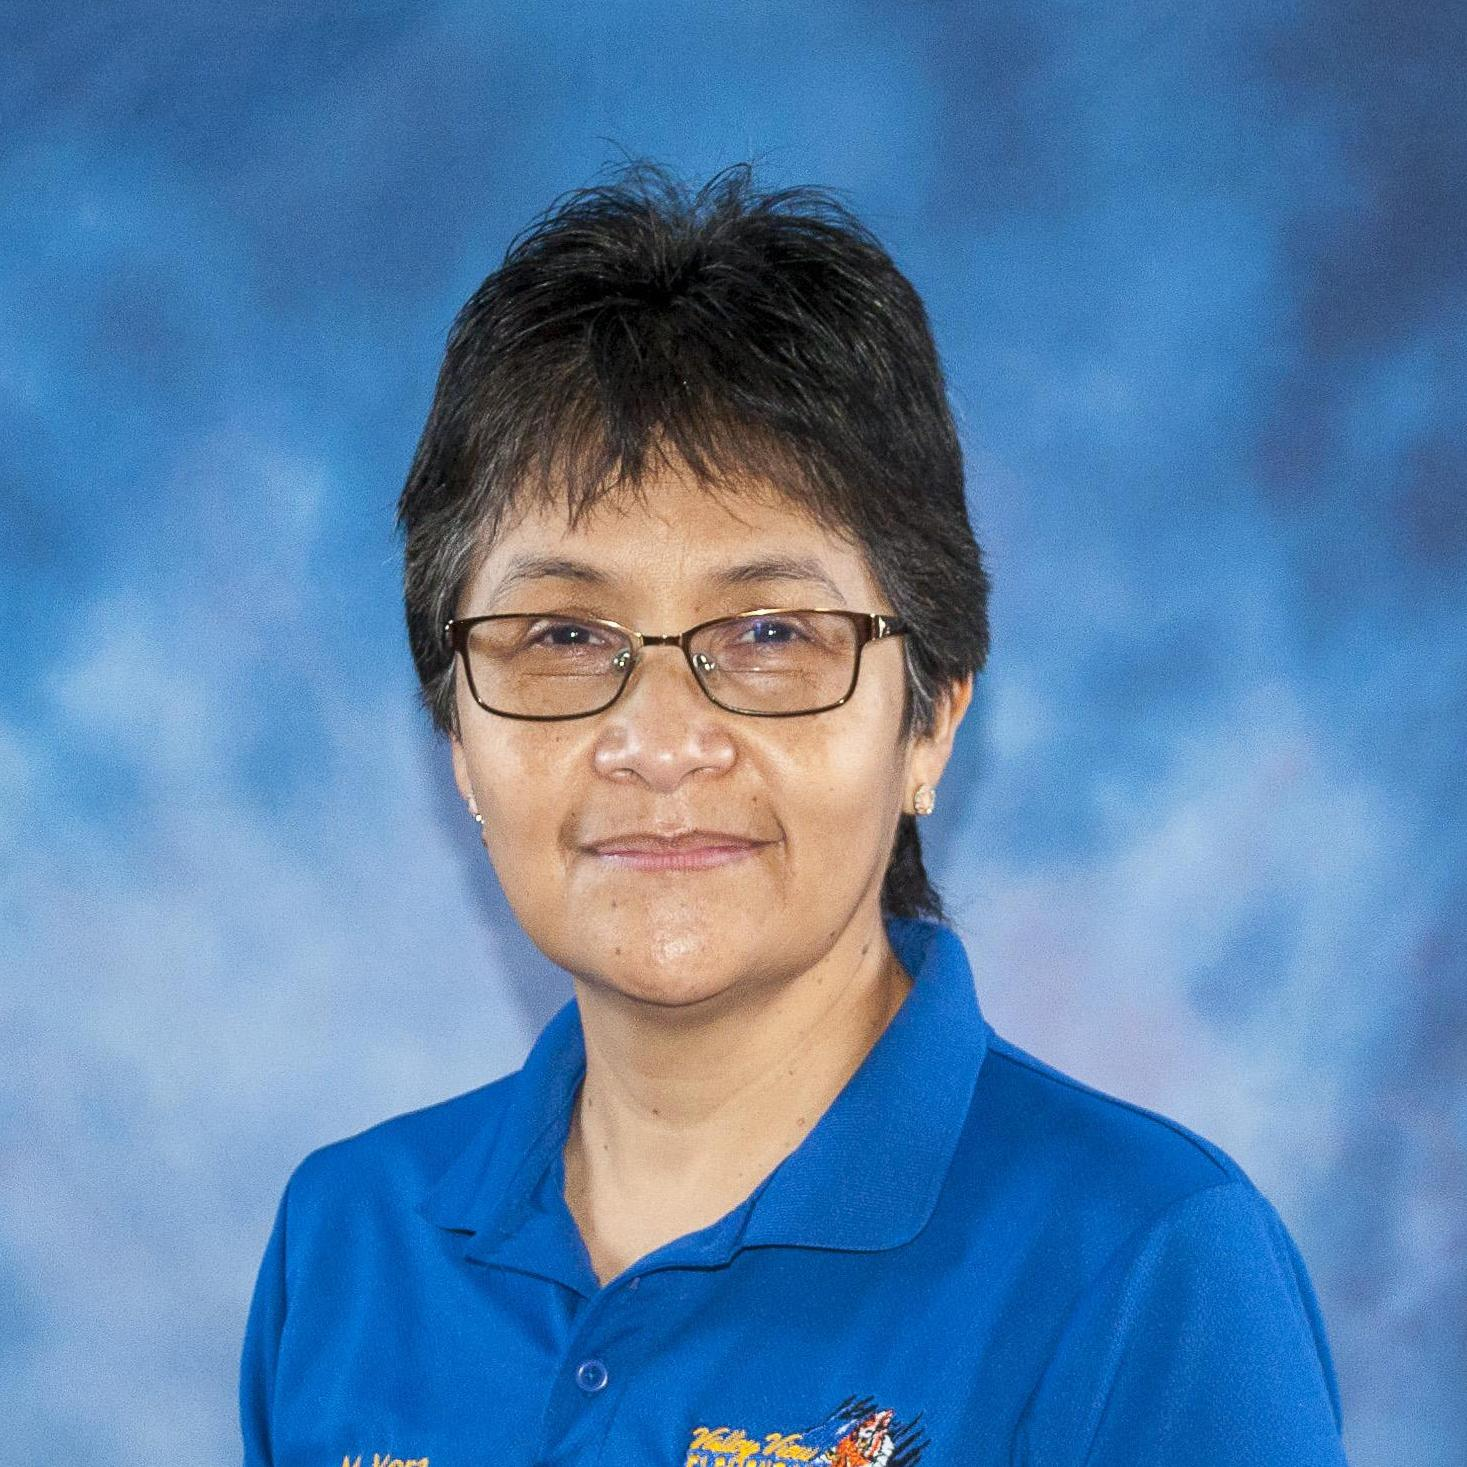 Maria Vera's Profile Photo